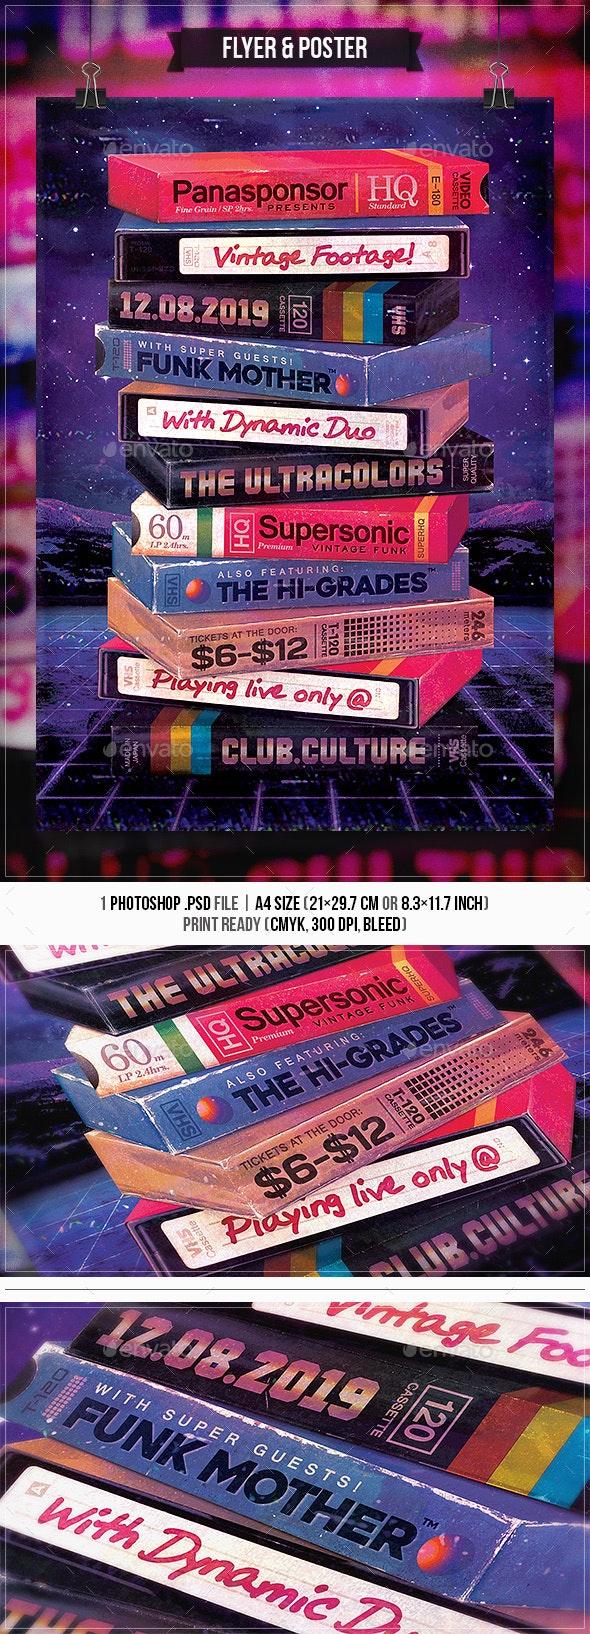 Vintage VHS Vol.2 - Flyer & Poster - Concerts Events